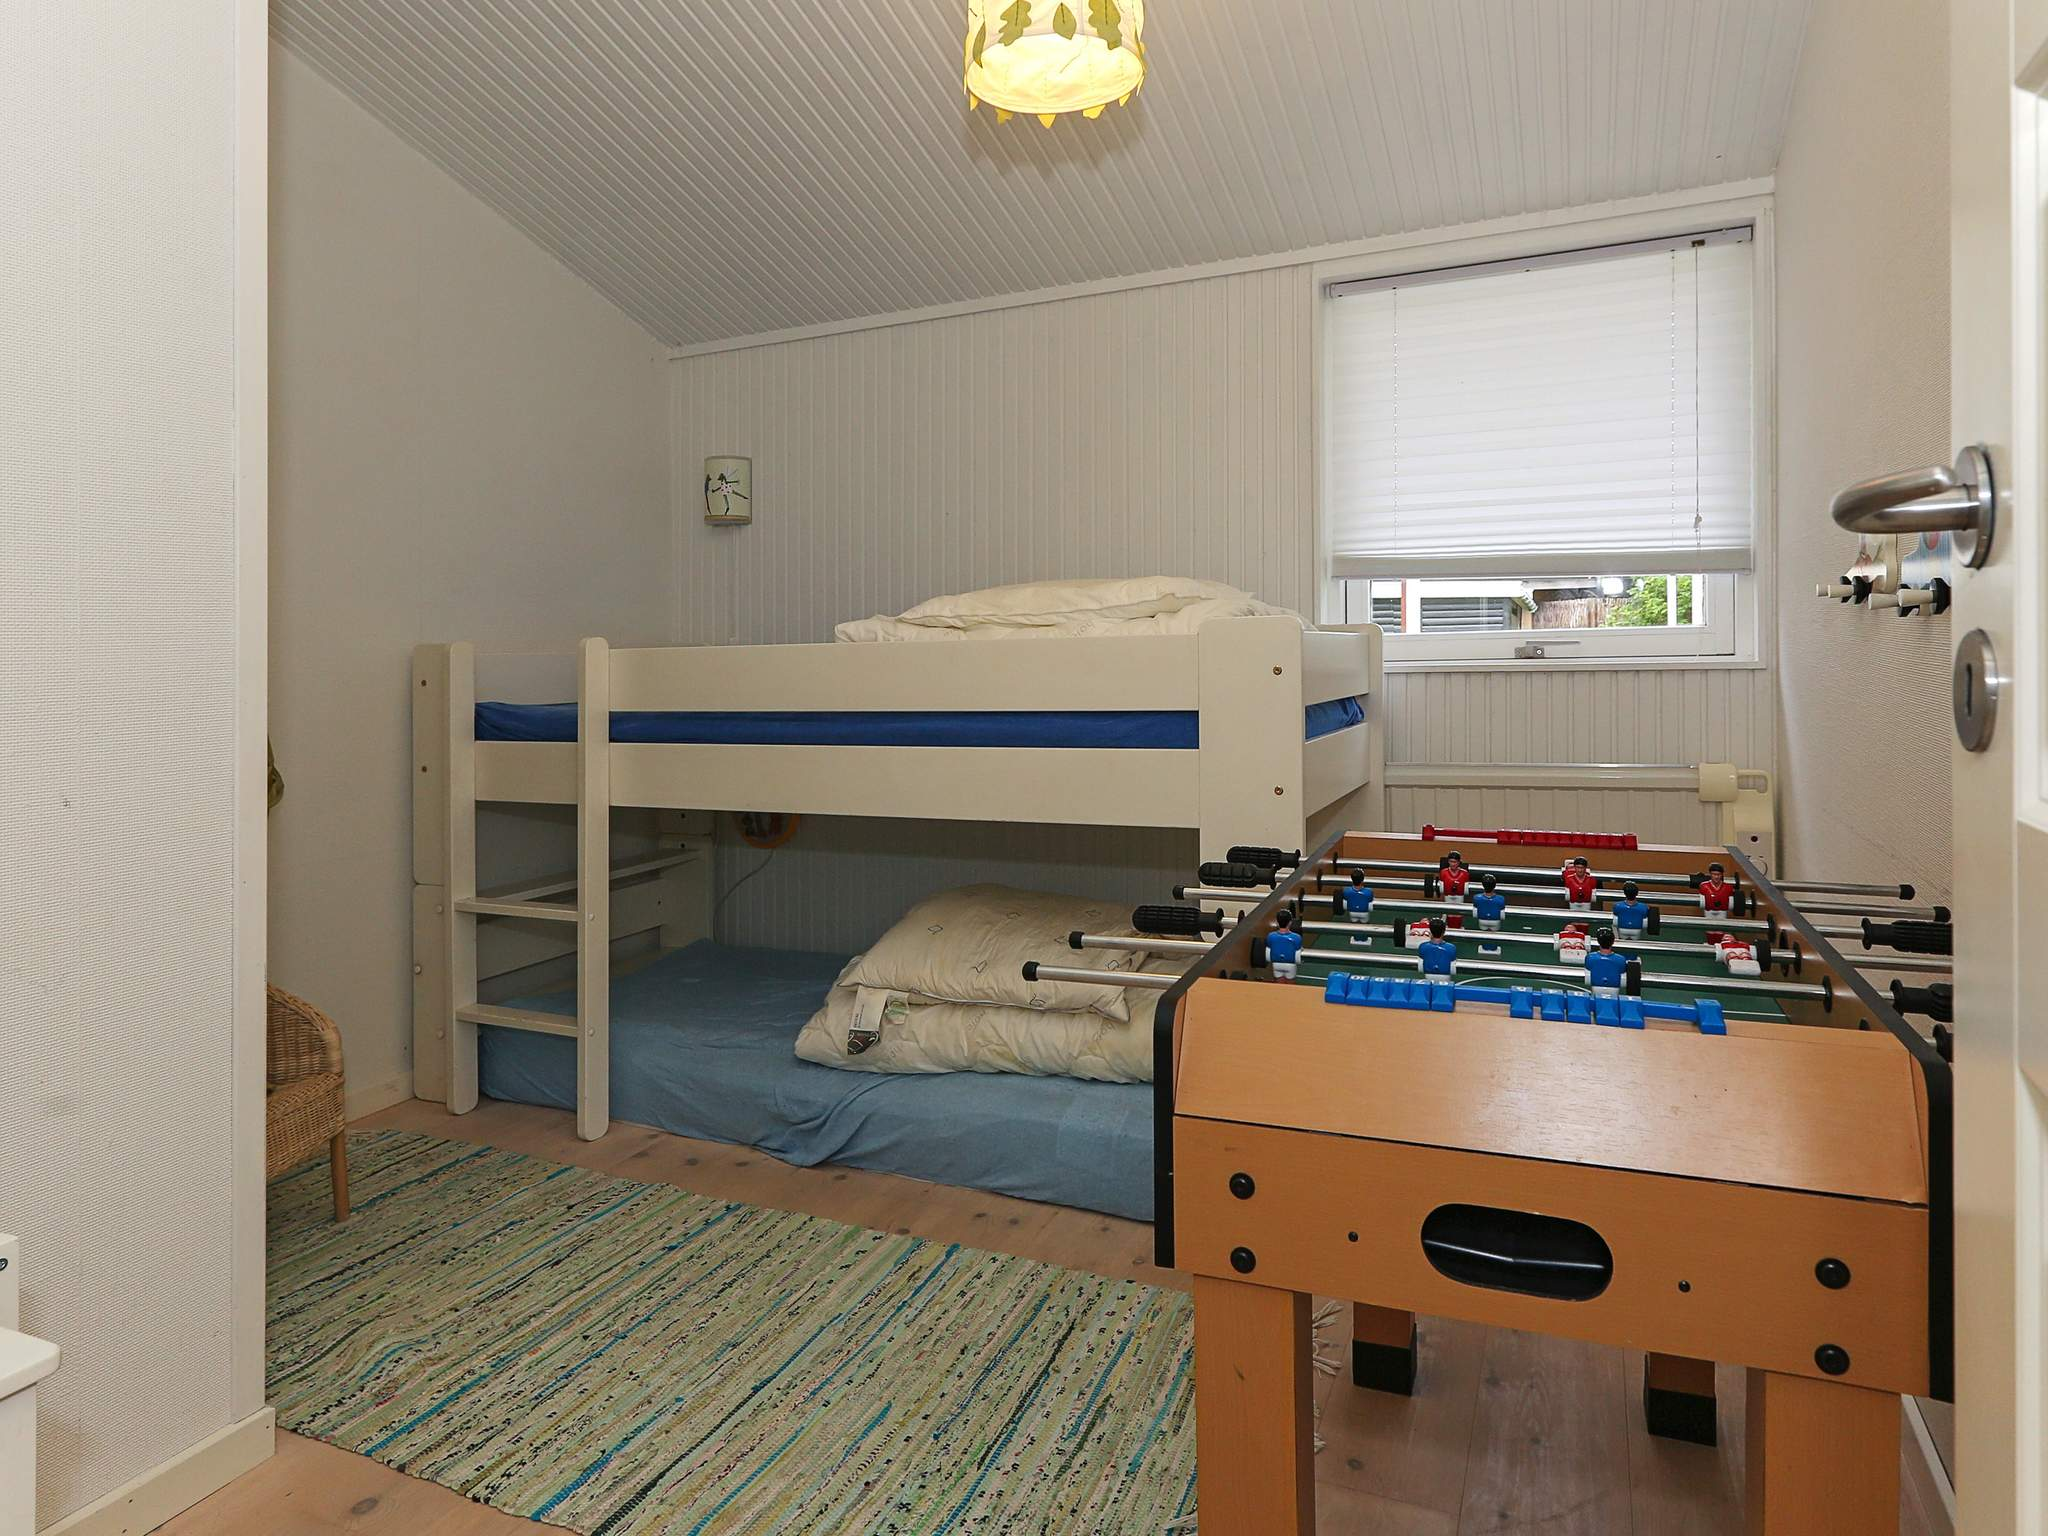 Ferienhaus Rågeleje (804324), Rågeleje, , Nordseeland, Dänemark, Bild 13